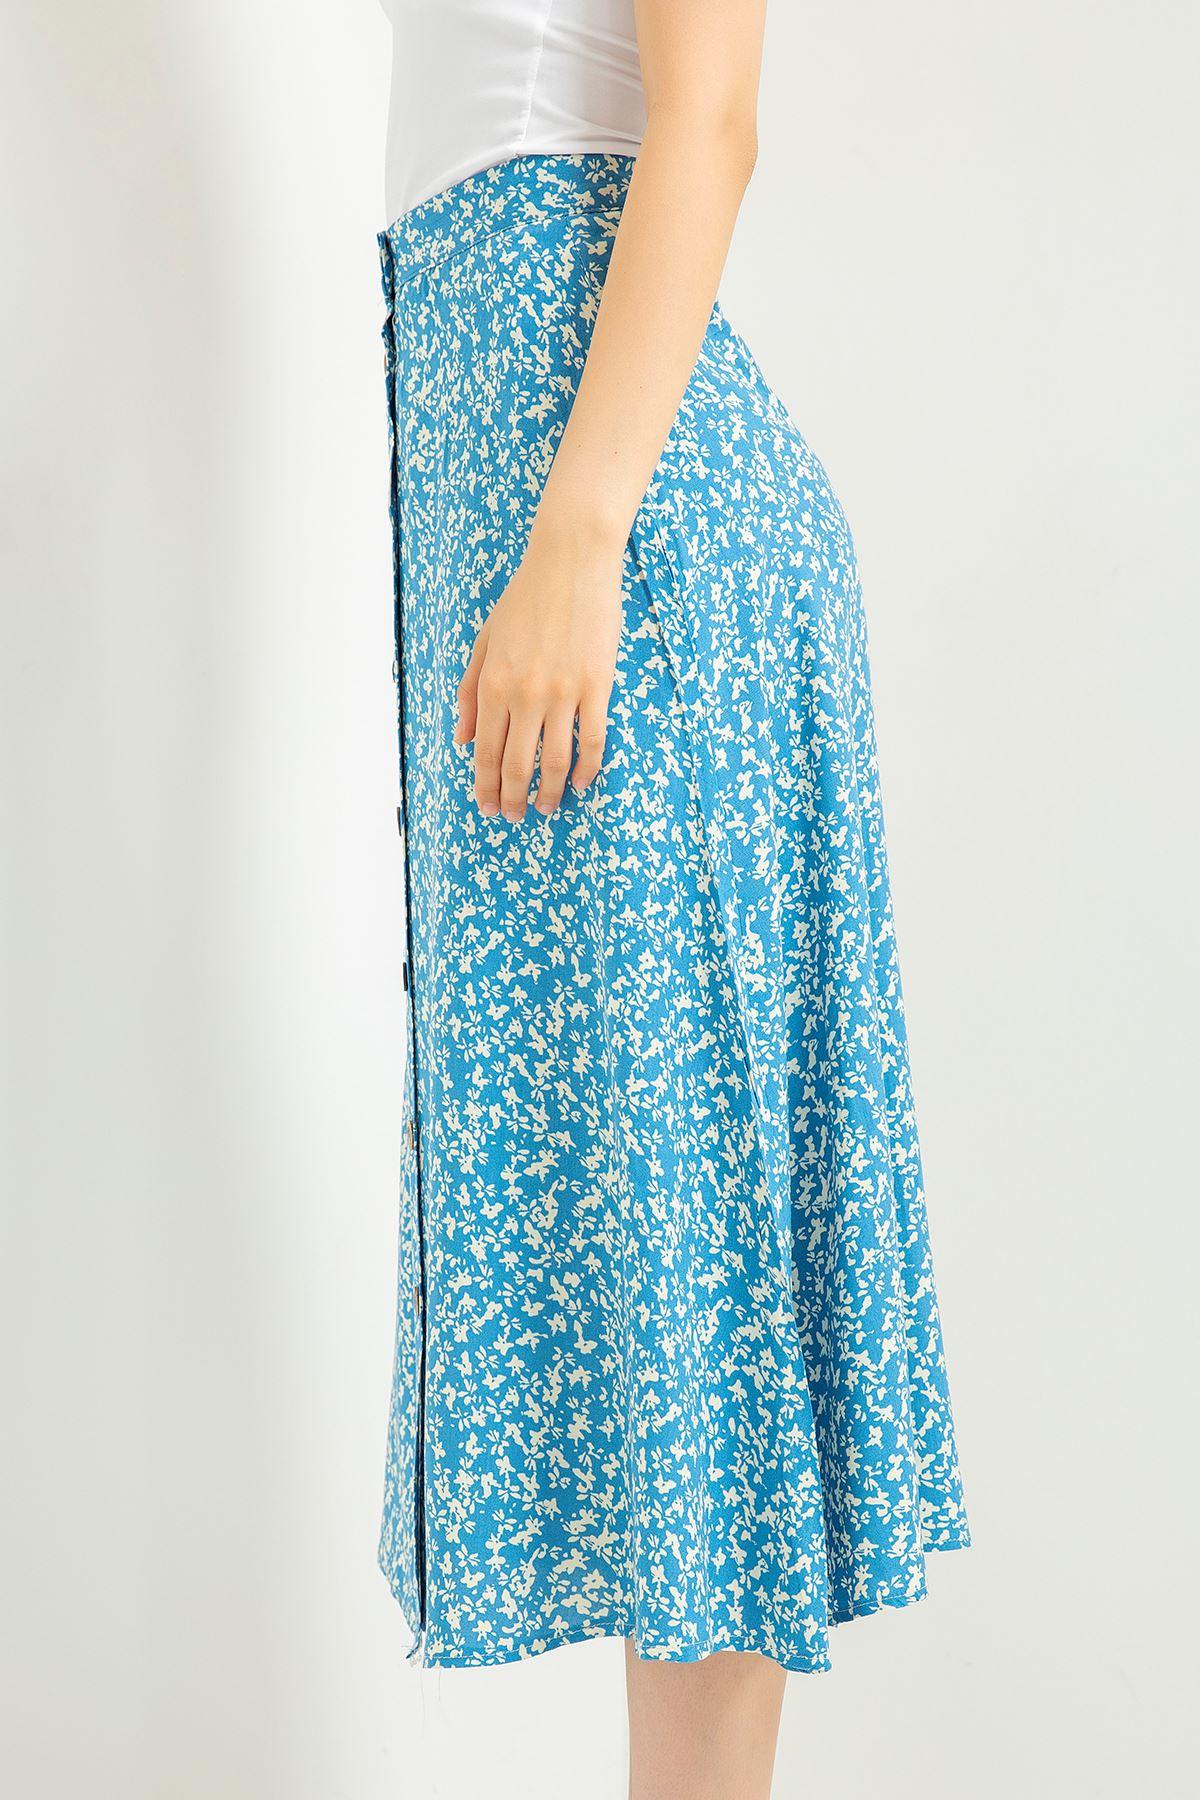 Çıtır Çiçek Desen Etek-Mavi